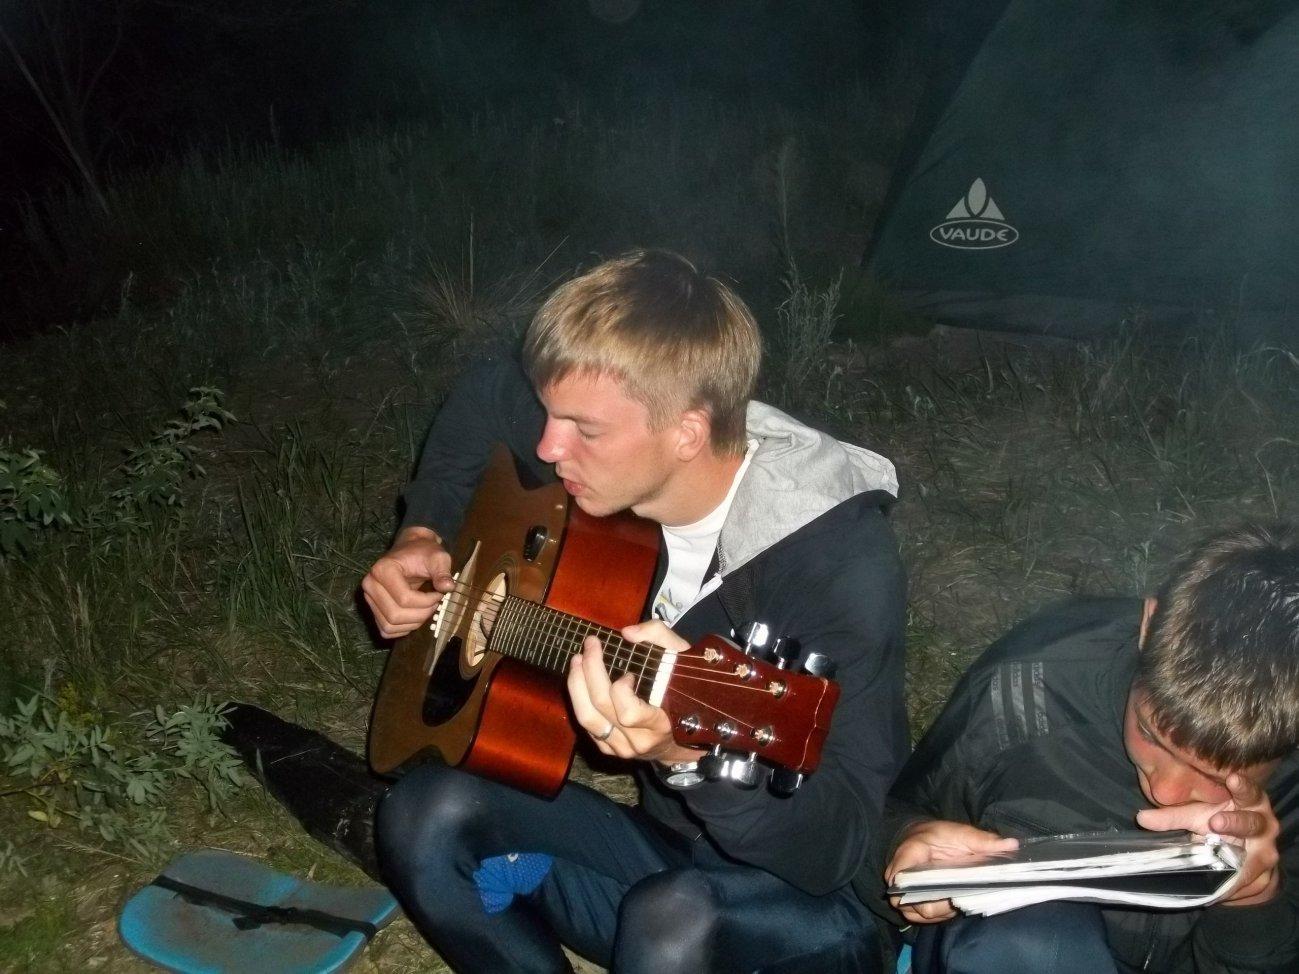 Друг играет на гитаре у костра